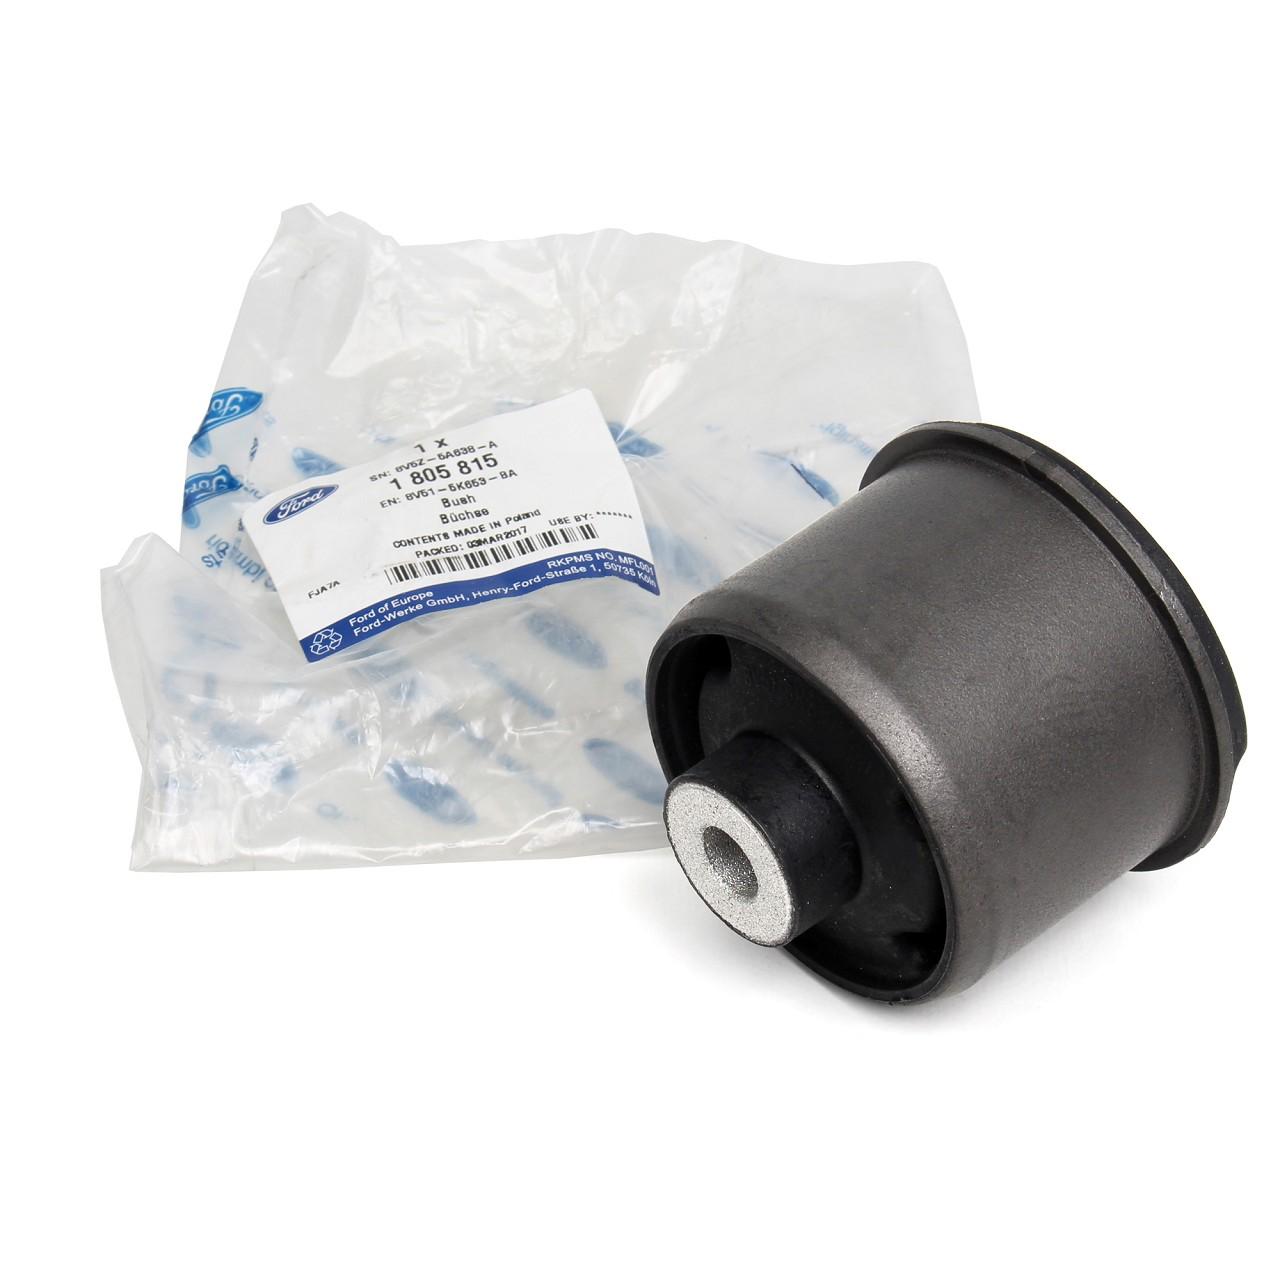 ORIGINAL Ford Gummilager Achskörperlager Buchse HINTEN 1805815 für FIESTA VI MK6